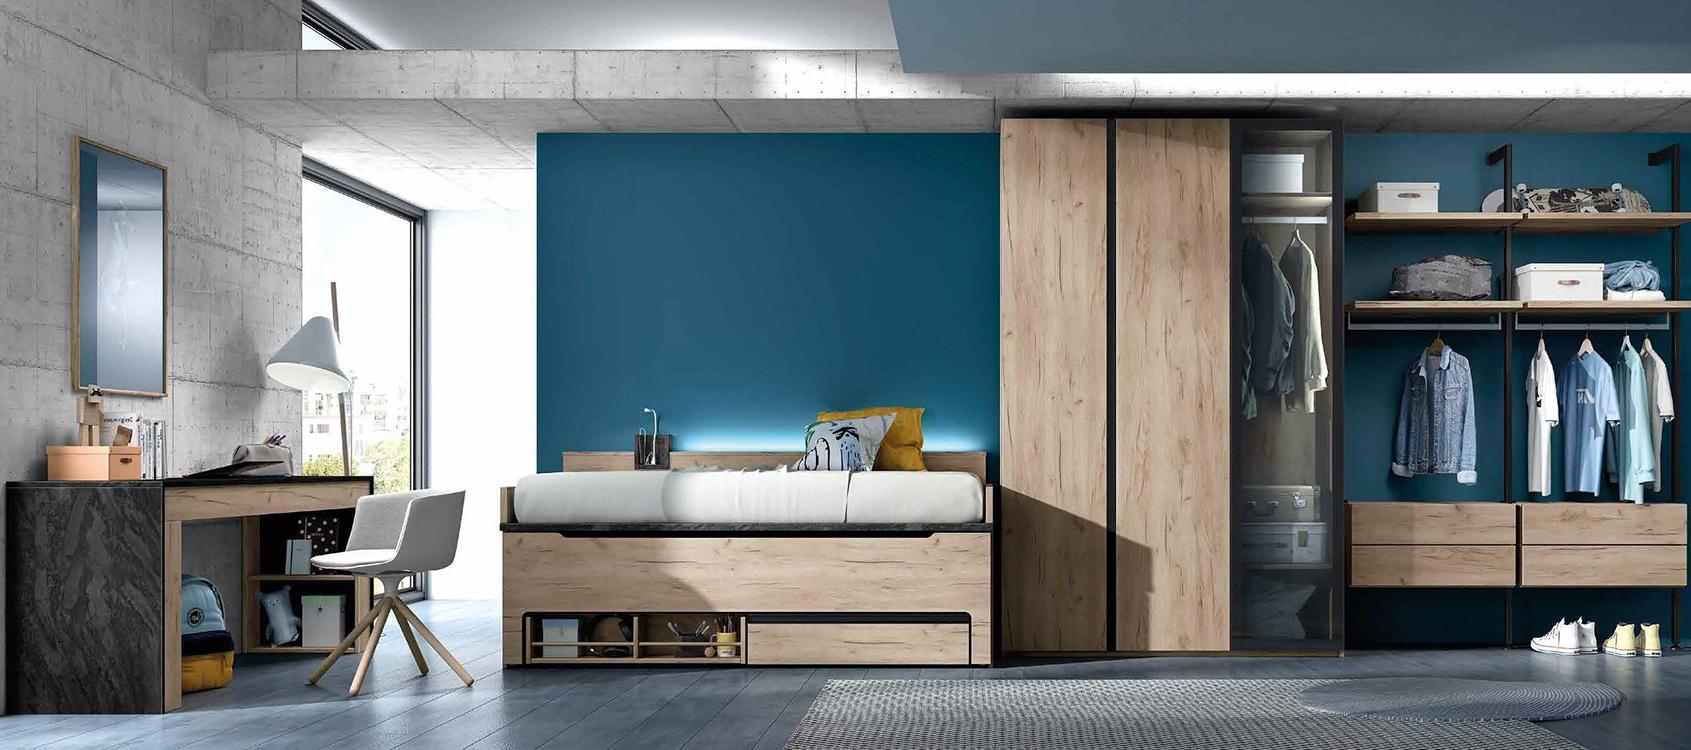 Habitaciones juveniles con camas abatibles - Habitaciones modulares juveniles ...